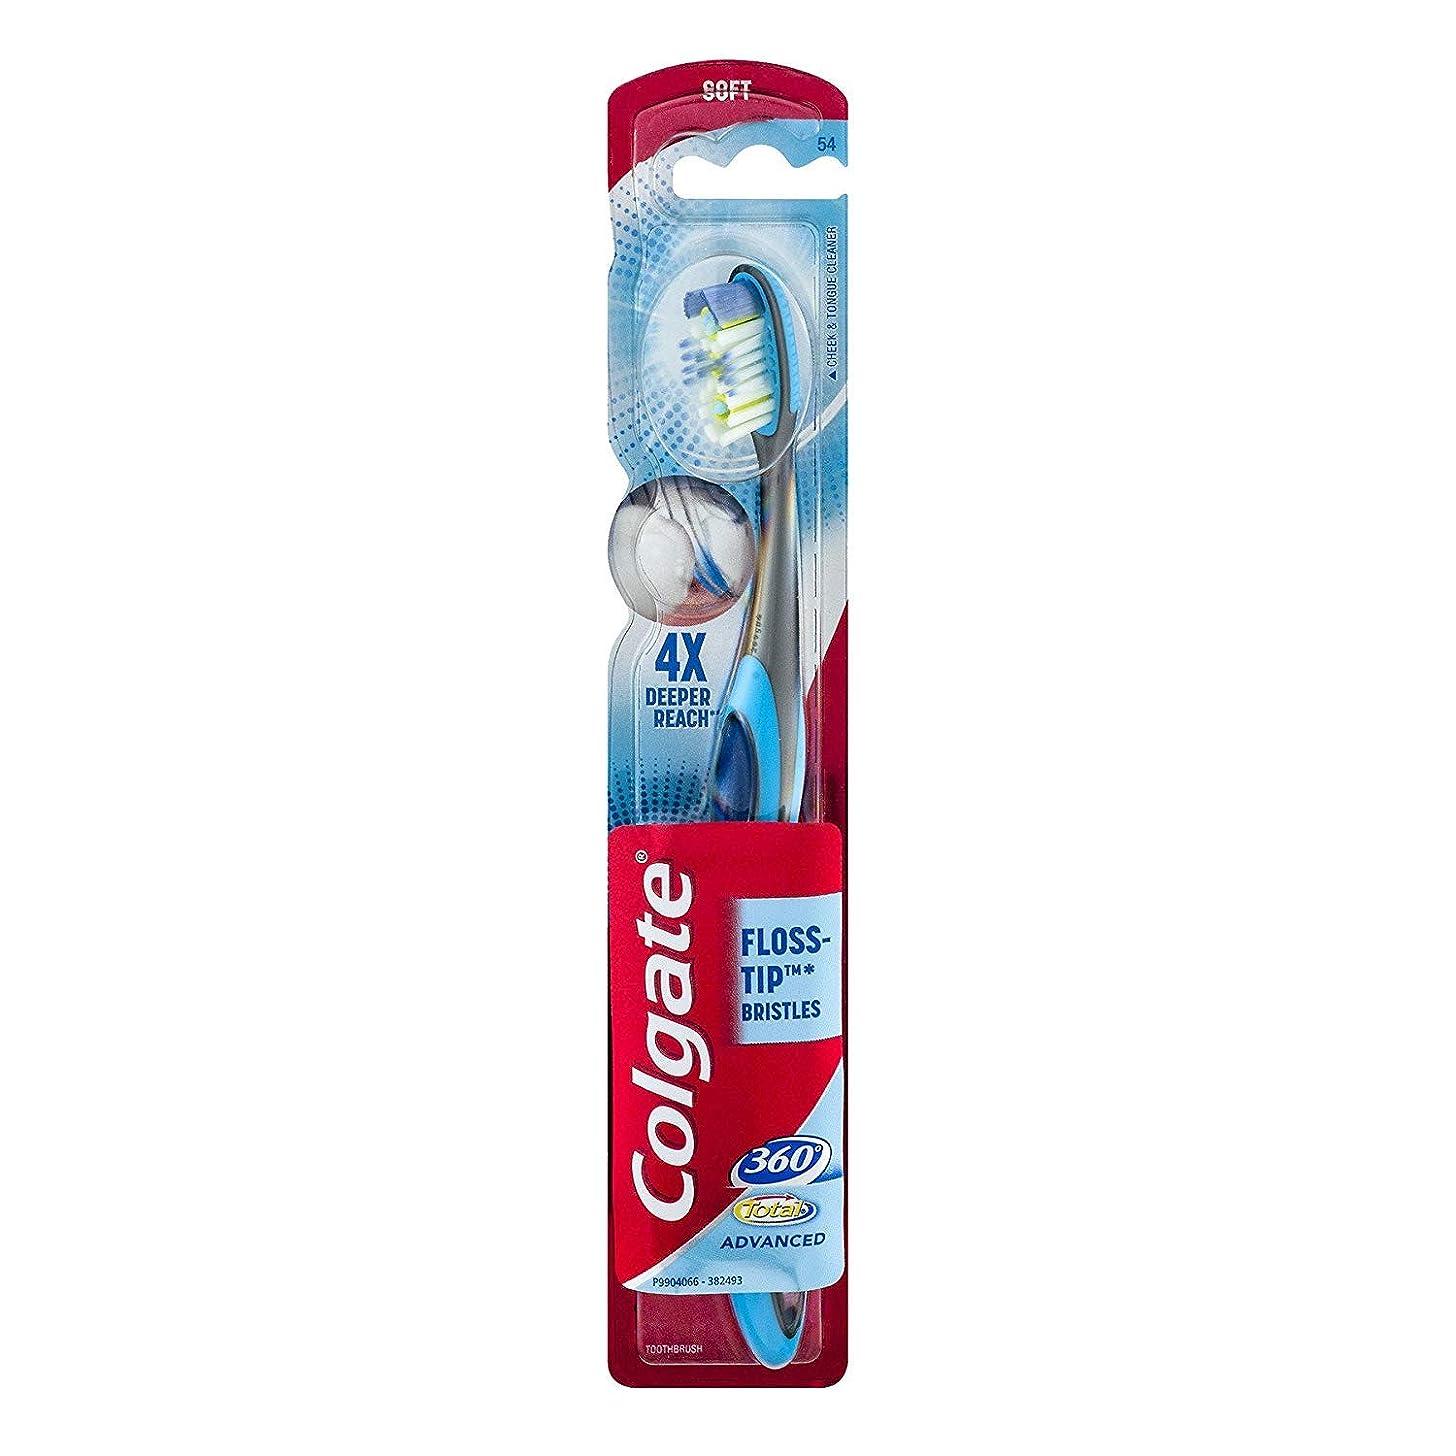 不完全な愚かなエピソードColgate 360合計先進FLOSS-ヒント歯ブラシ、完全な頭部ソフト1 Eaは 1パック